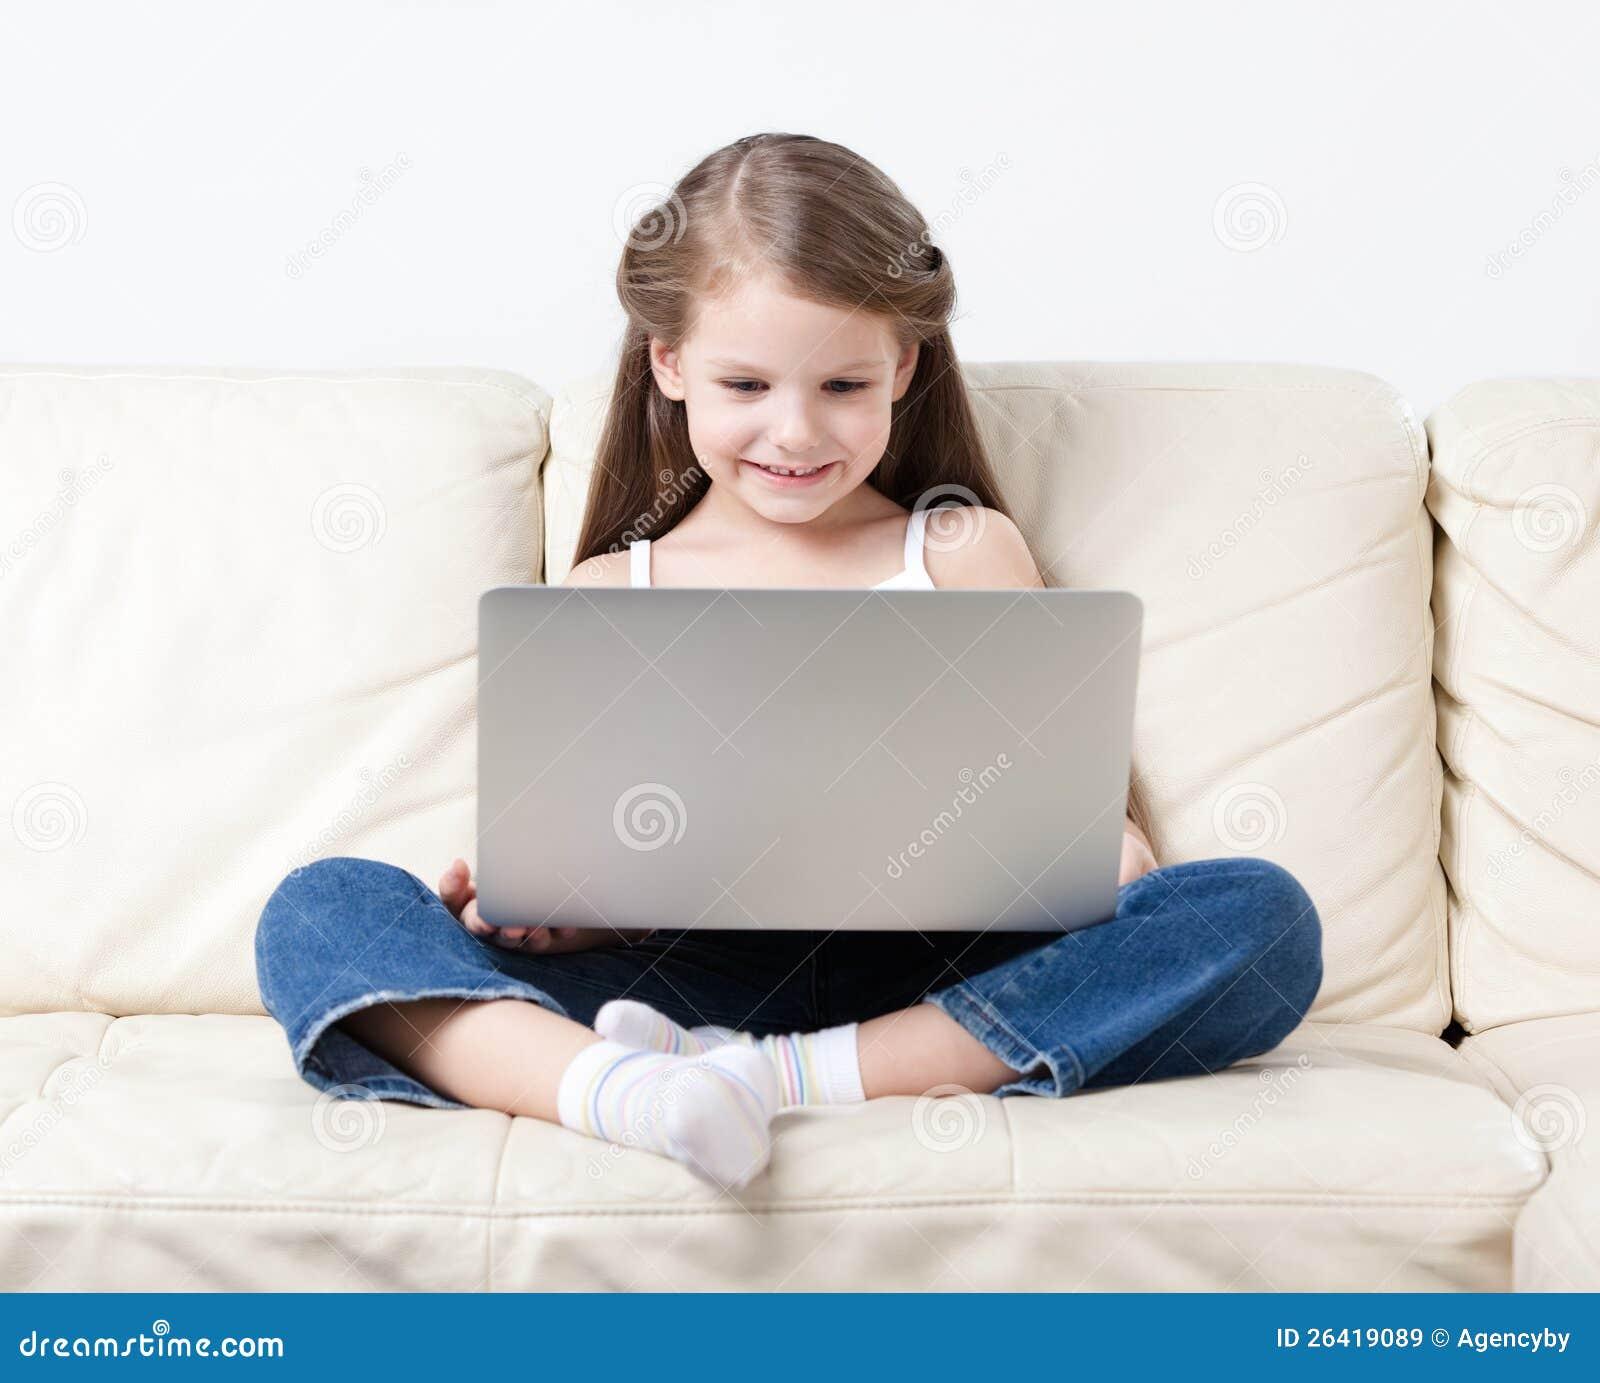 Κυματωγές μικρών κοριτσιών στο διαδίκτυο